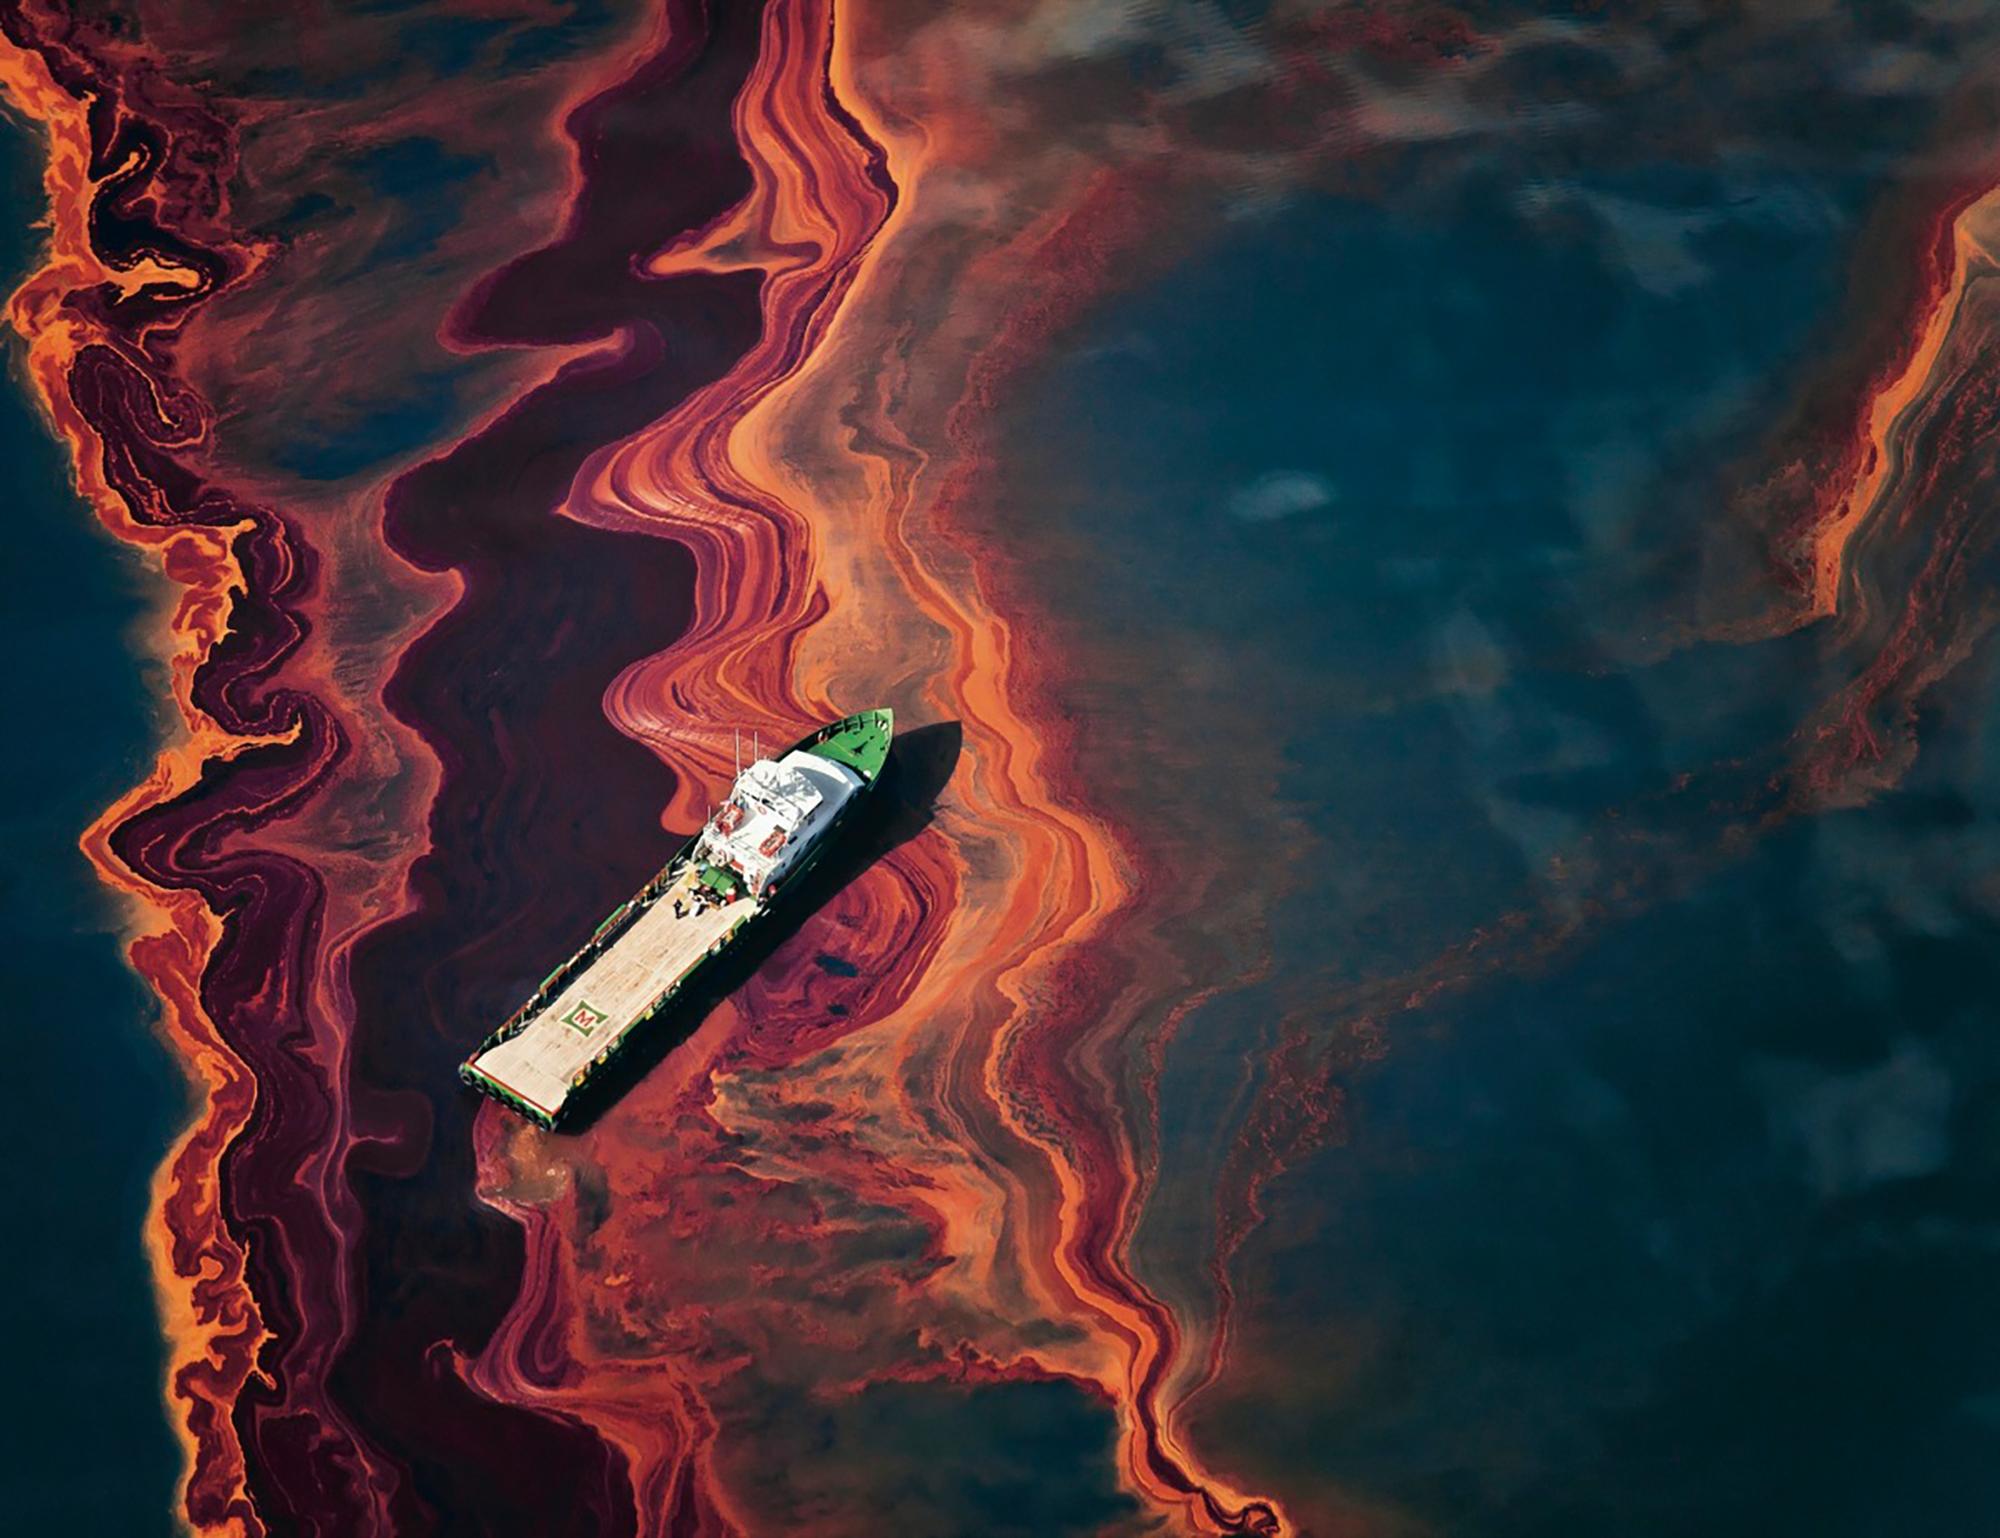 Trotz malerischem Aussehen: Für Tiere ist der Ölteppich tödlich.